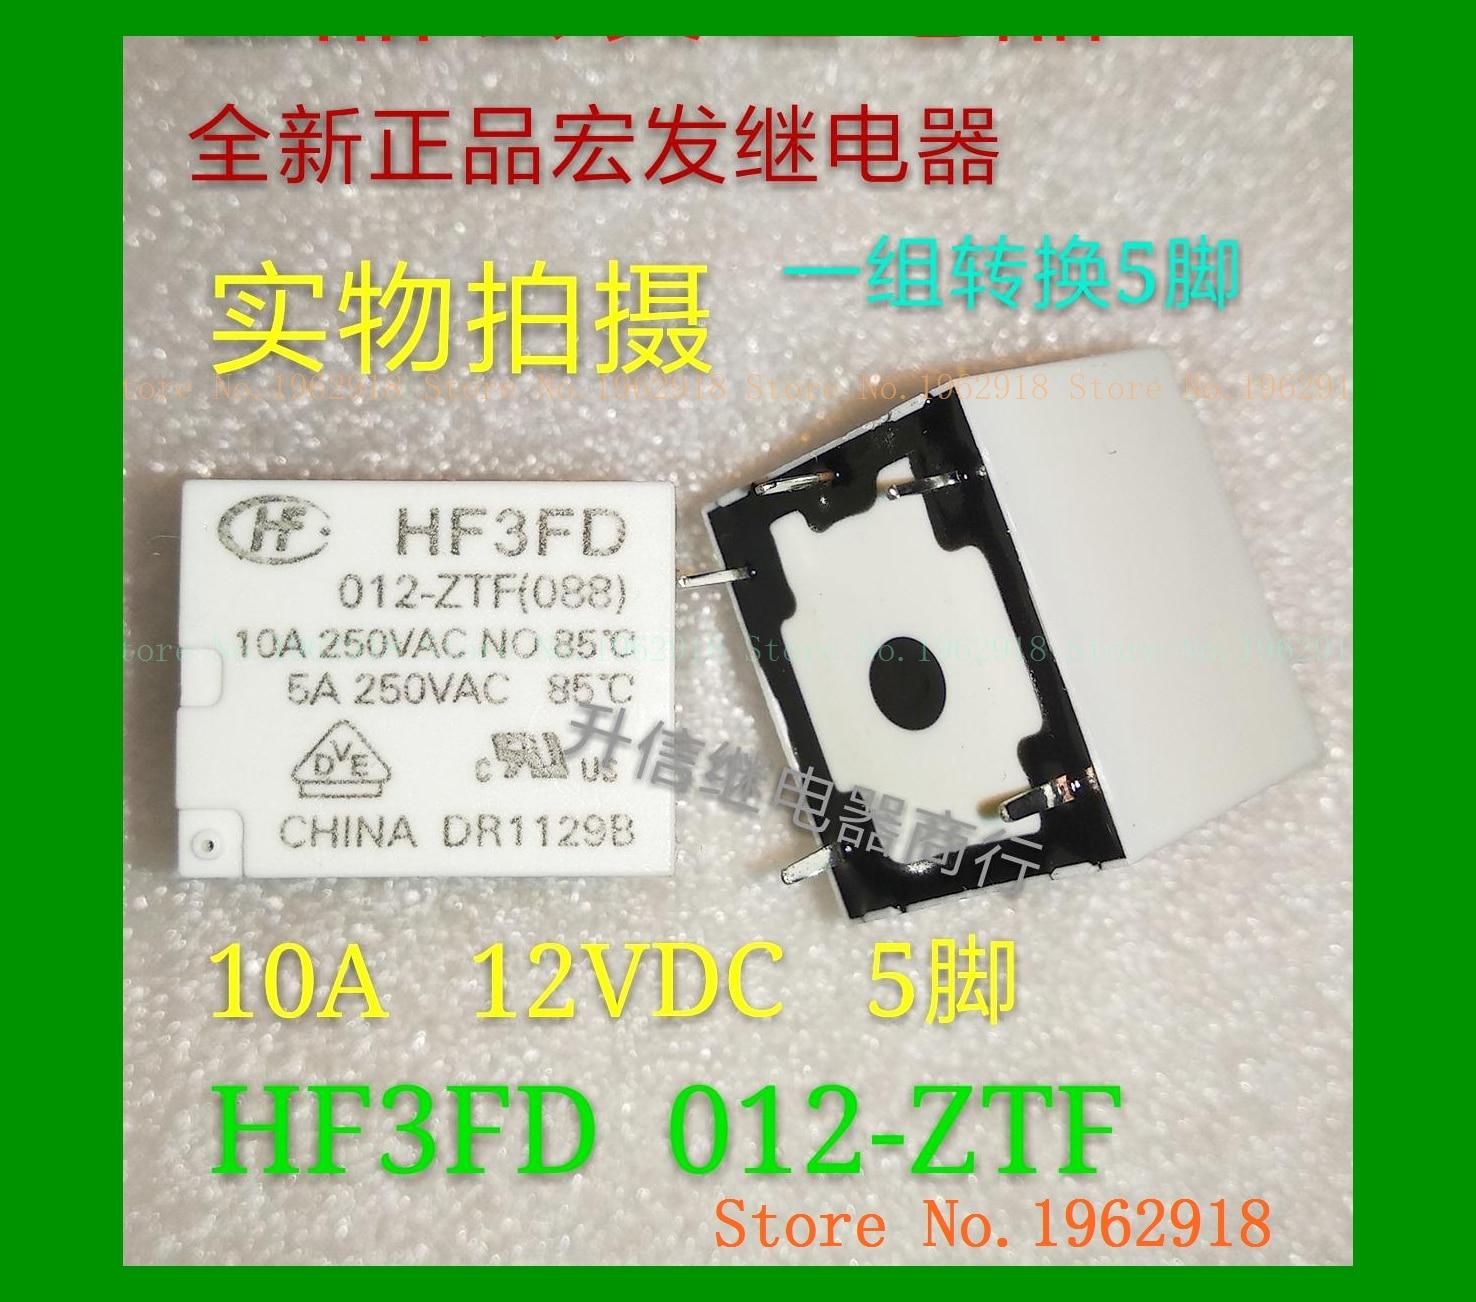 Part Generac 313284GS Handle Grip Genuine Original Equipment Manufacturer OEM